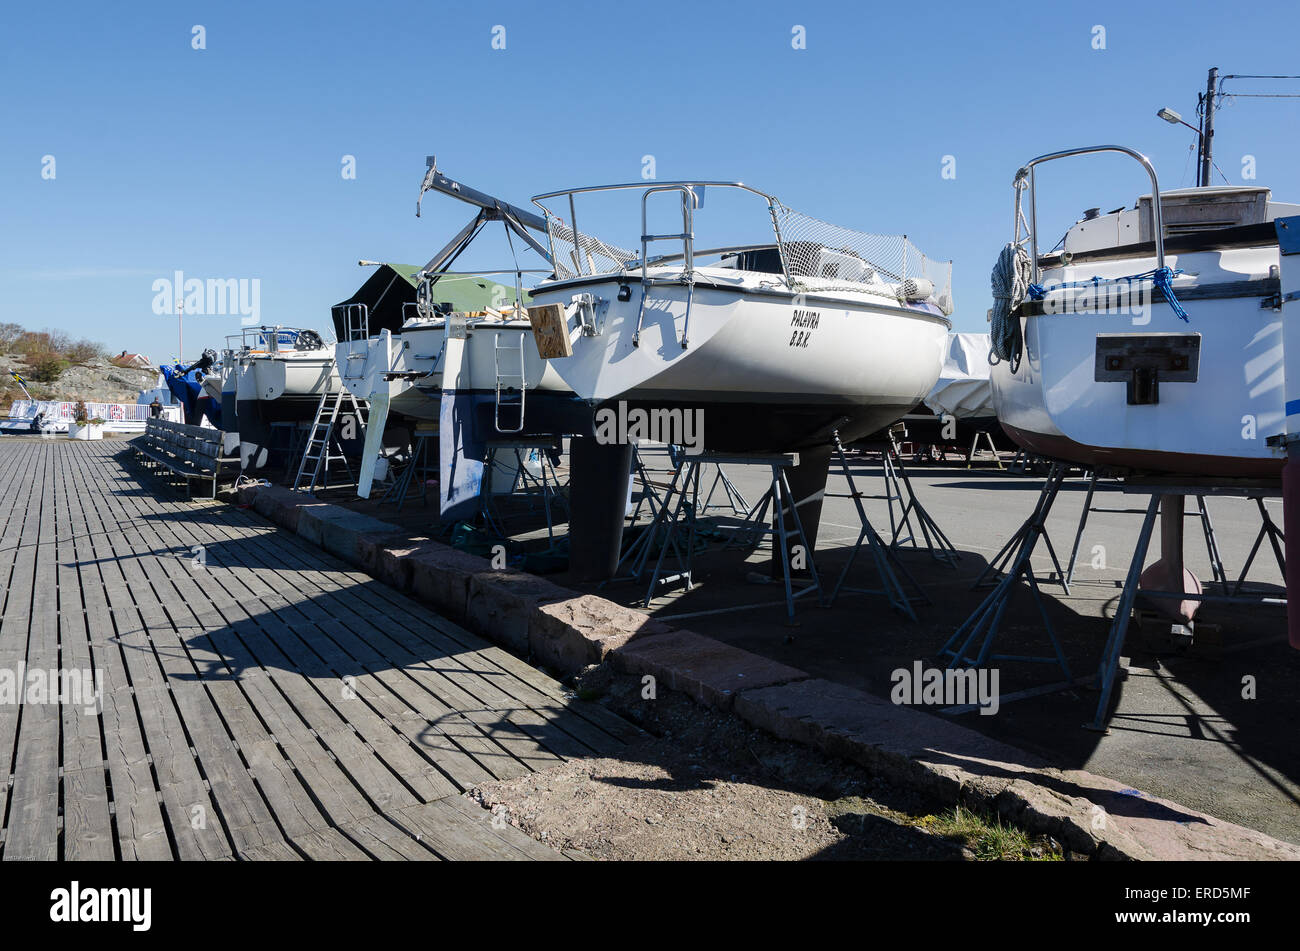 segelbåtar på fel sida bryggan i väntan på sitt rätta elemen - Stock Image